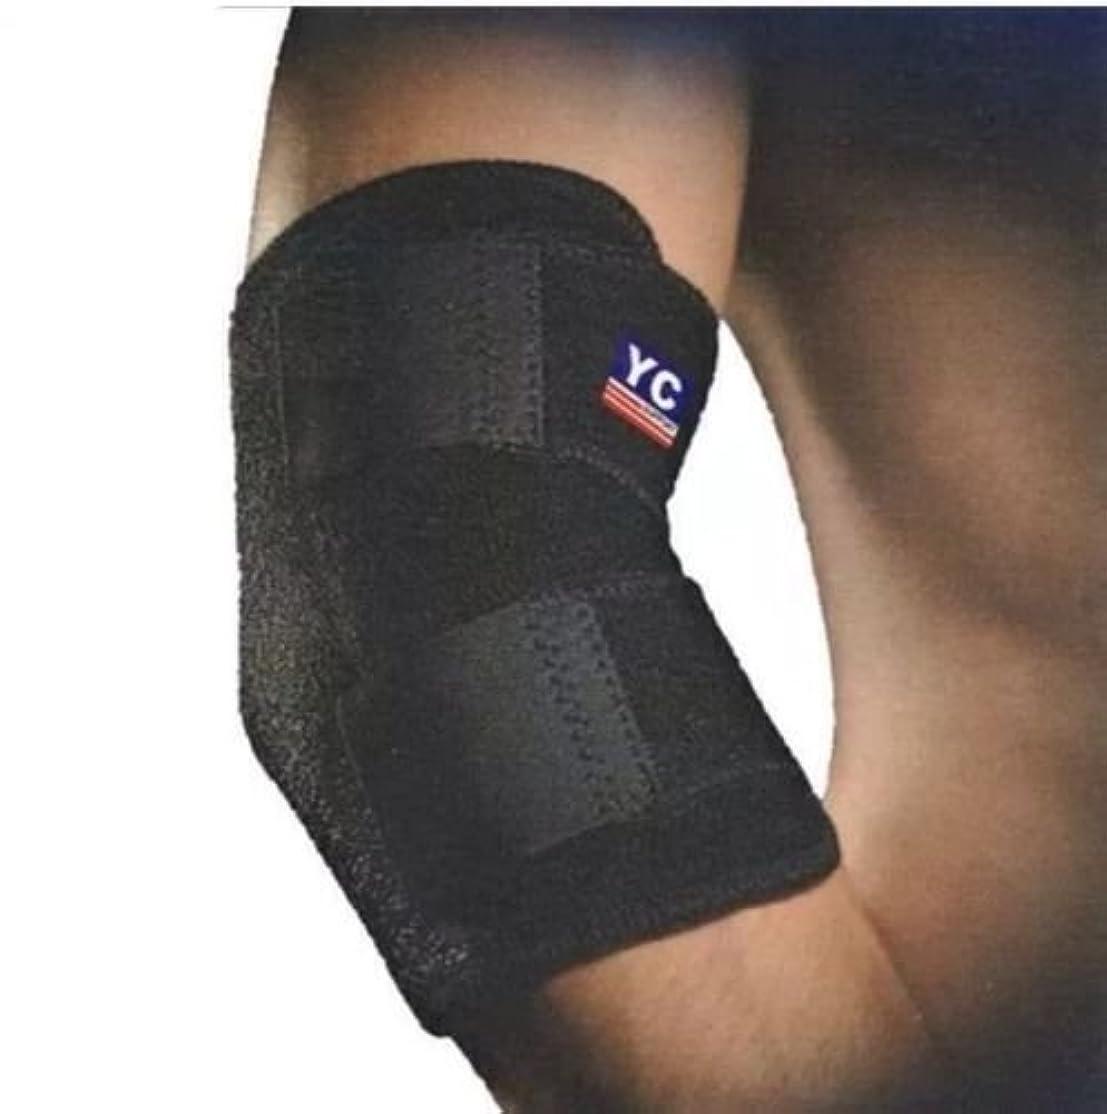 同じ起点リフレッシュネオプレン 調節可 肘サポート テニス 関節炎 巻き付け固定具 ジム スポーツ